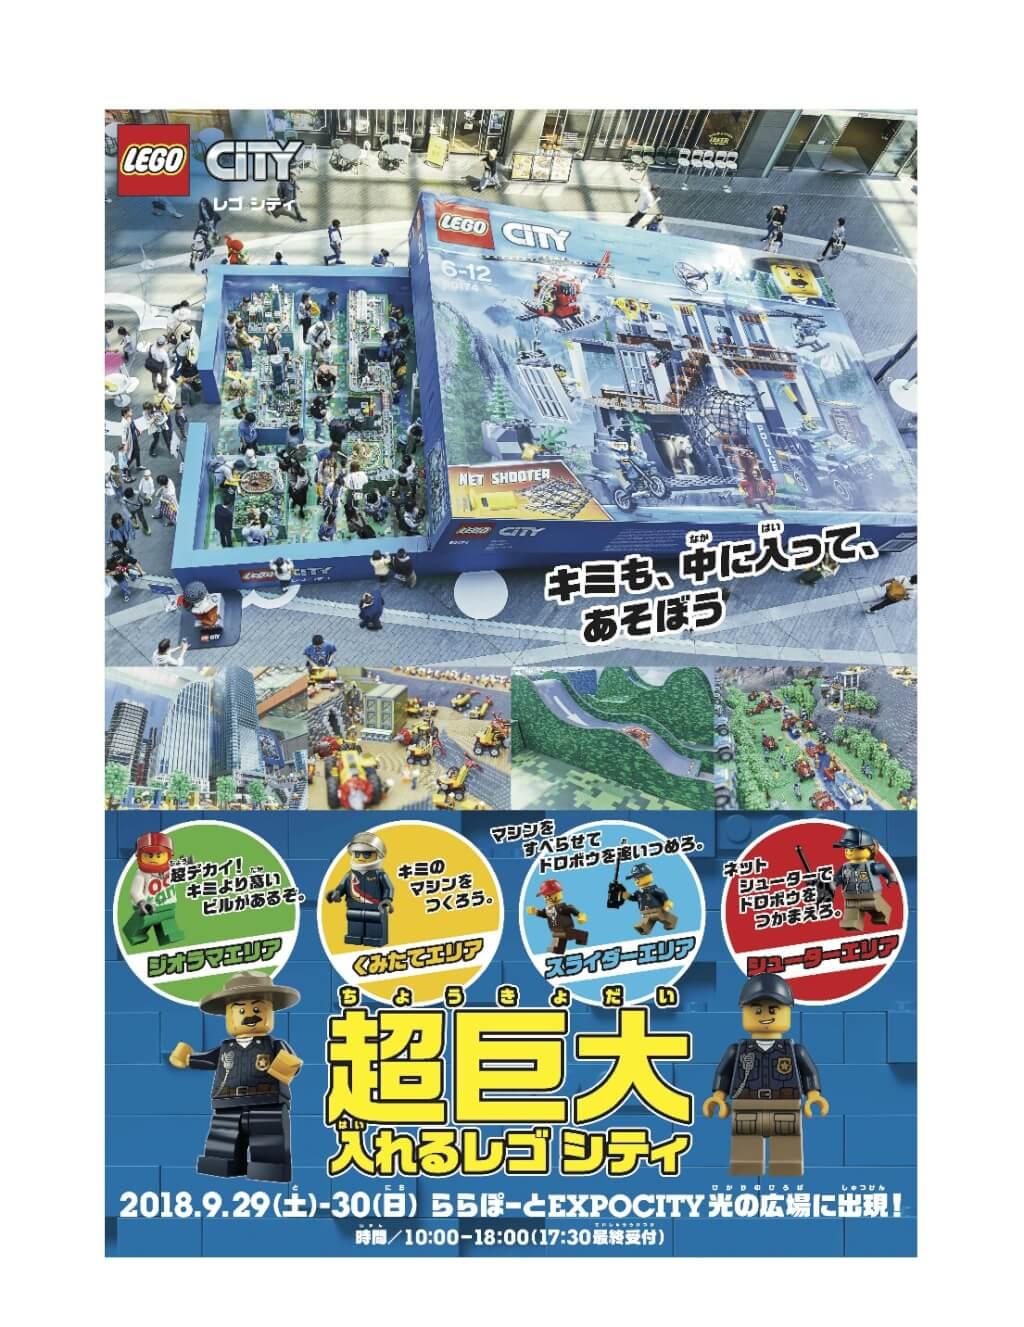 超巨大なレゴシティ